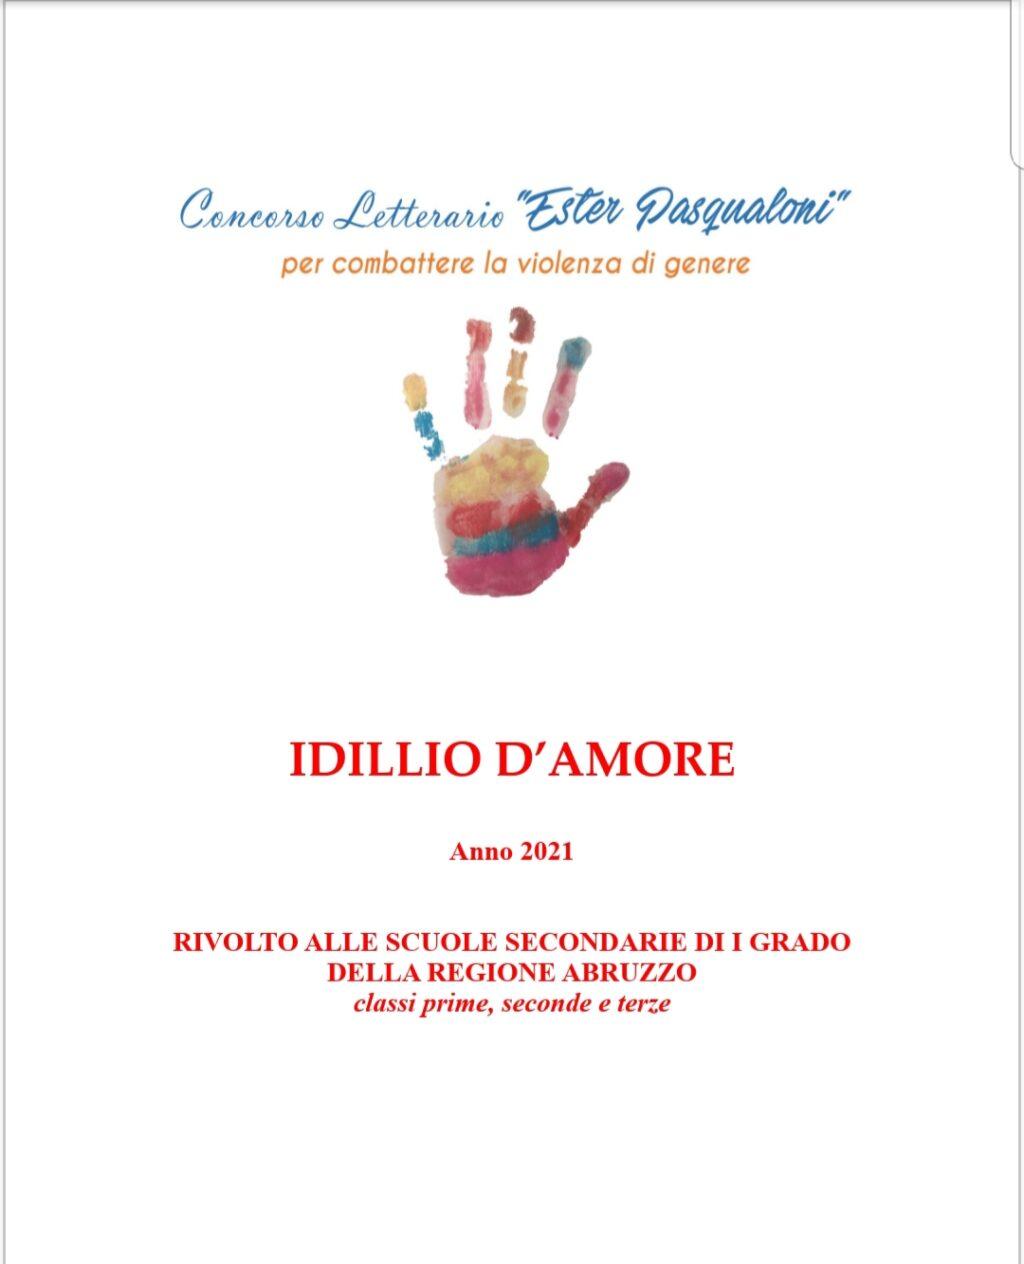 """Concorso letterario """"Ester Pasqualoni"""": quarta edizione """"Idillio d'amore"""""""